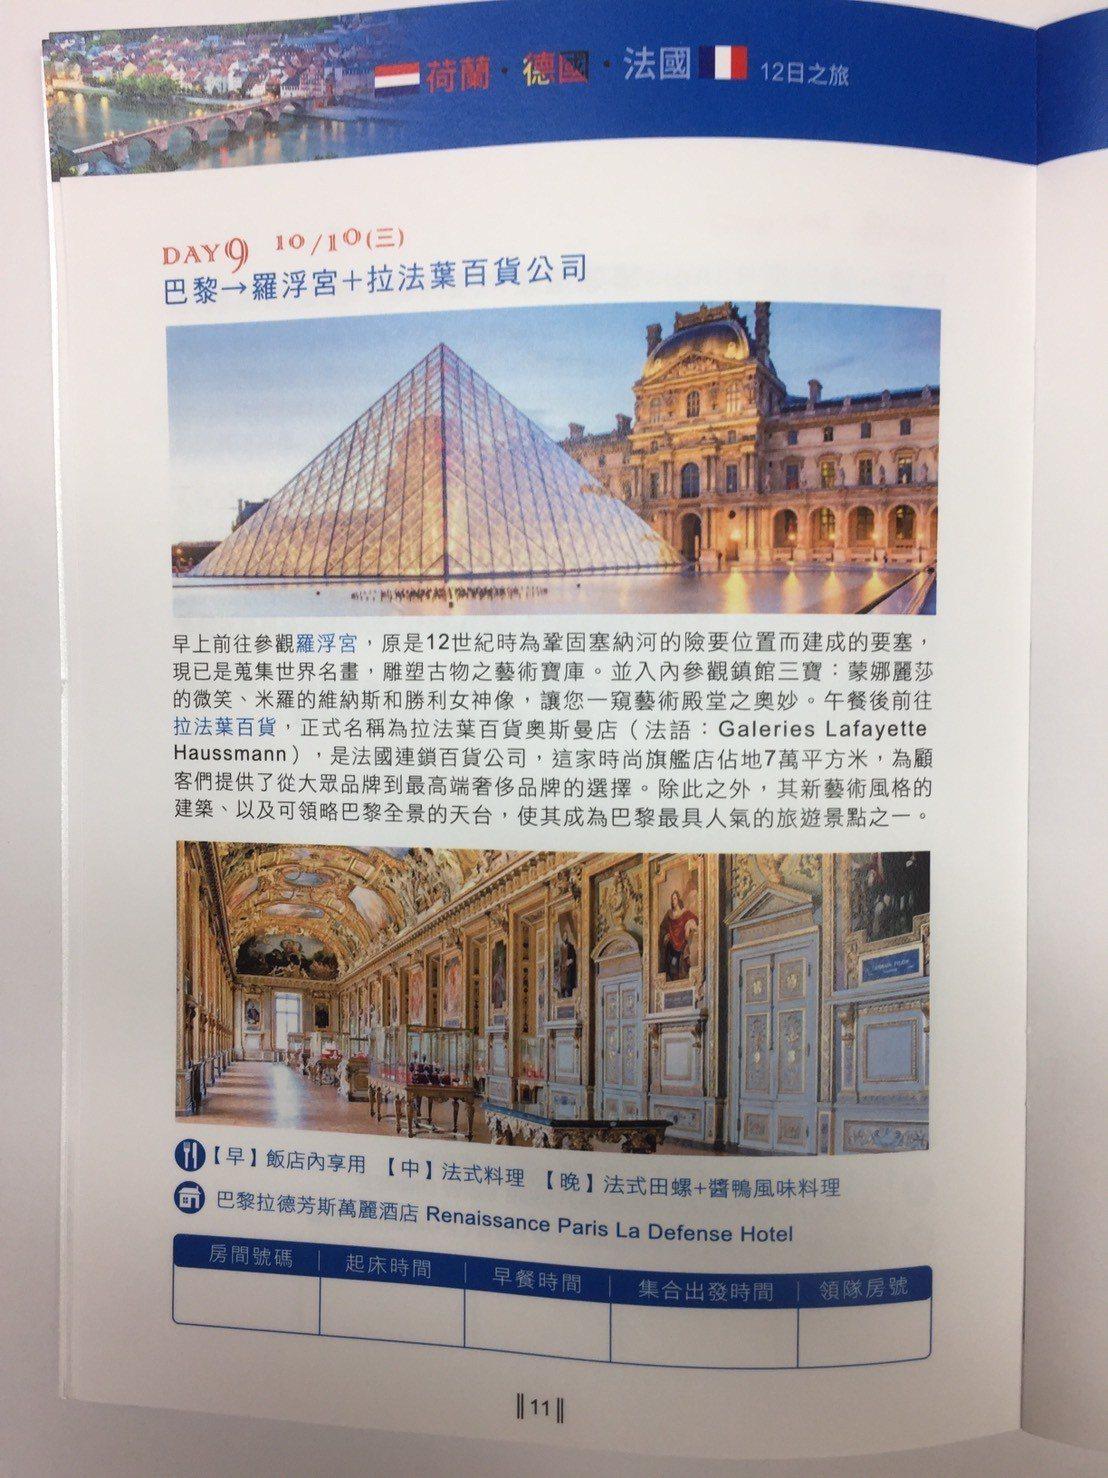 法國參訪羅浮宮及拉法葉百貨即佔一天行程。記者莊琇閔/翻攝